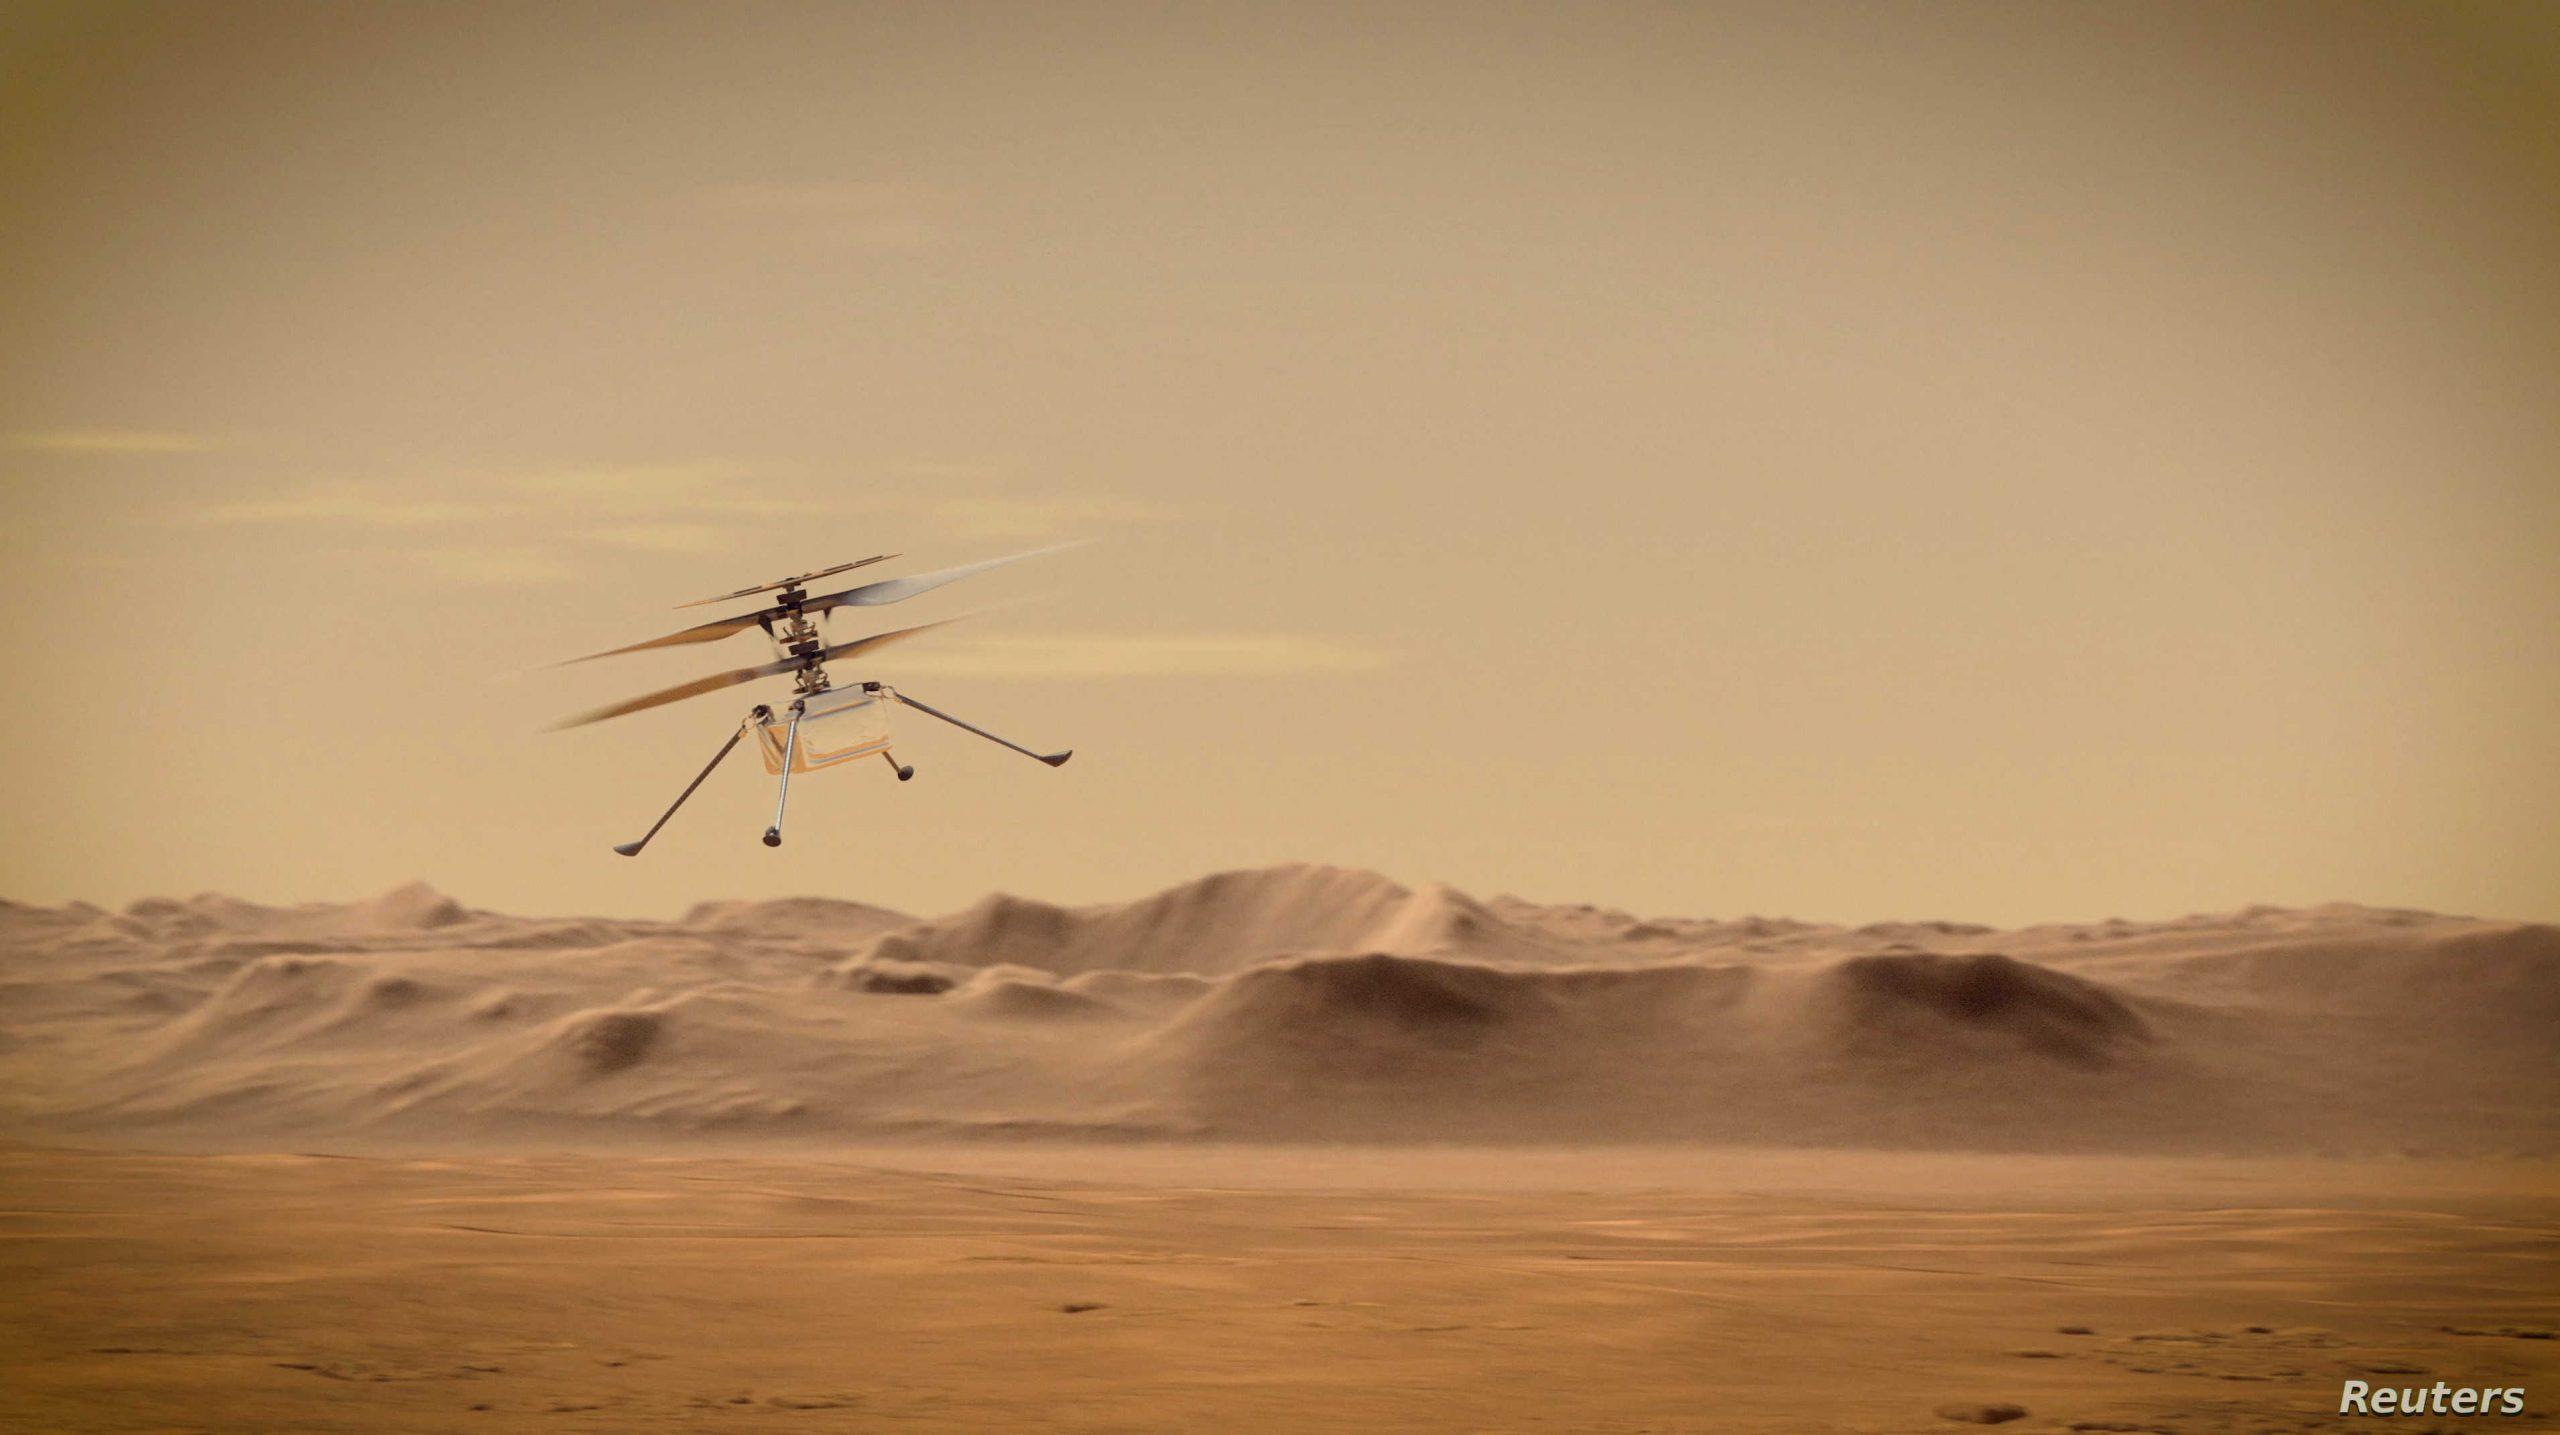 مركبة المريخ التابعة لوكالة ناسا تسقط من مروحية Ingenuity